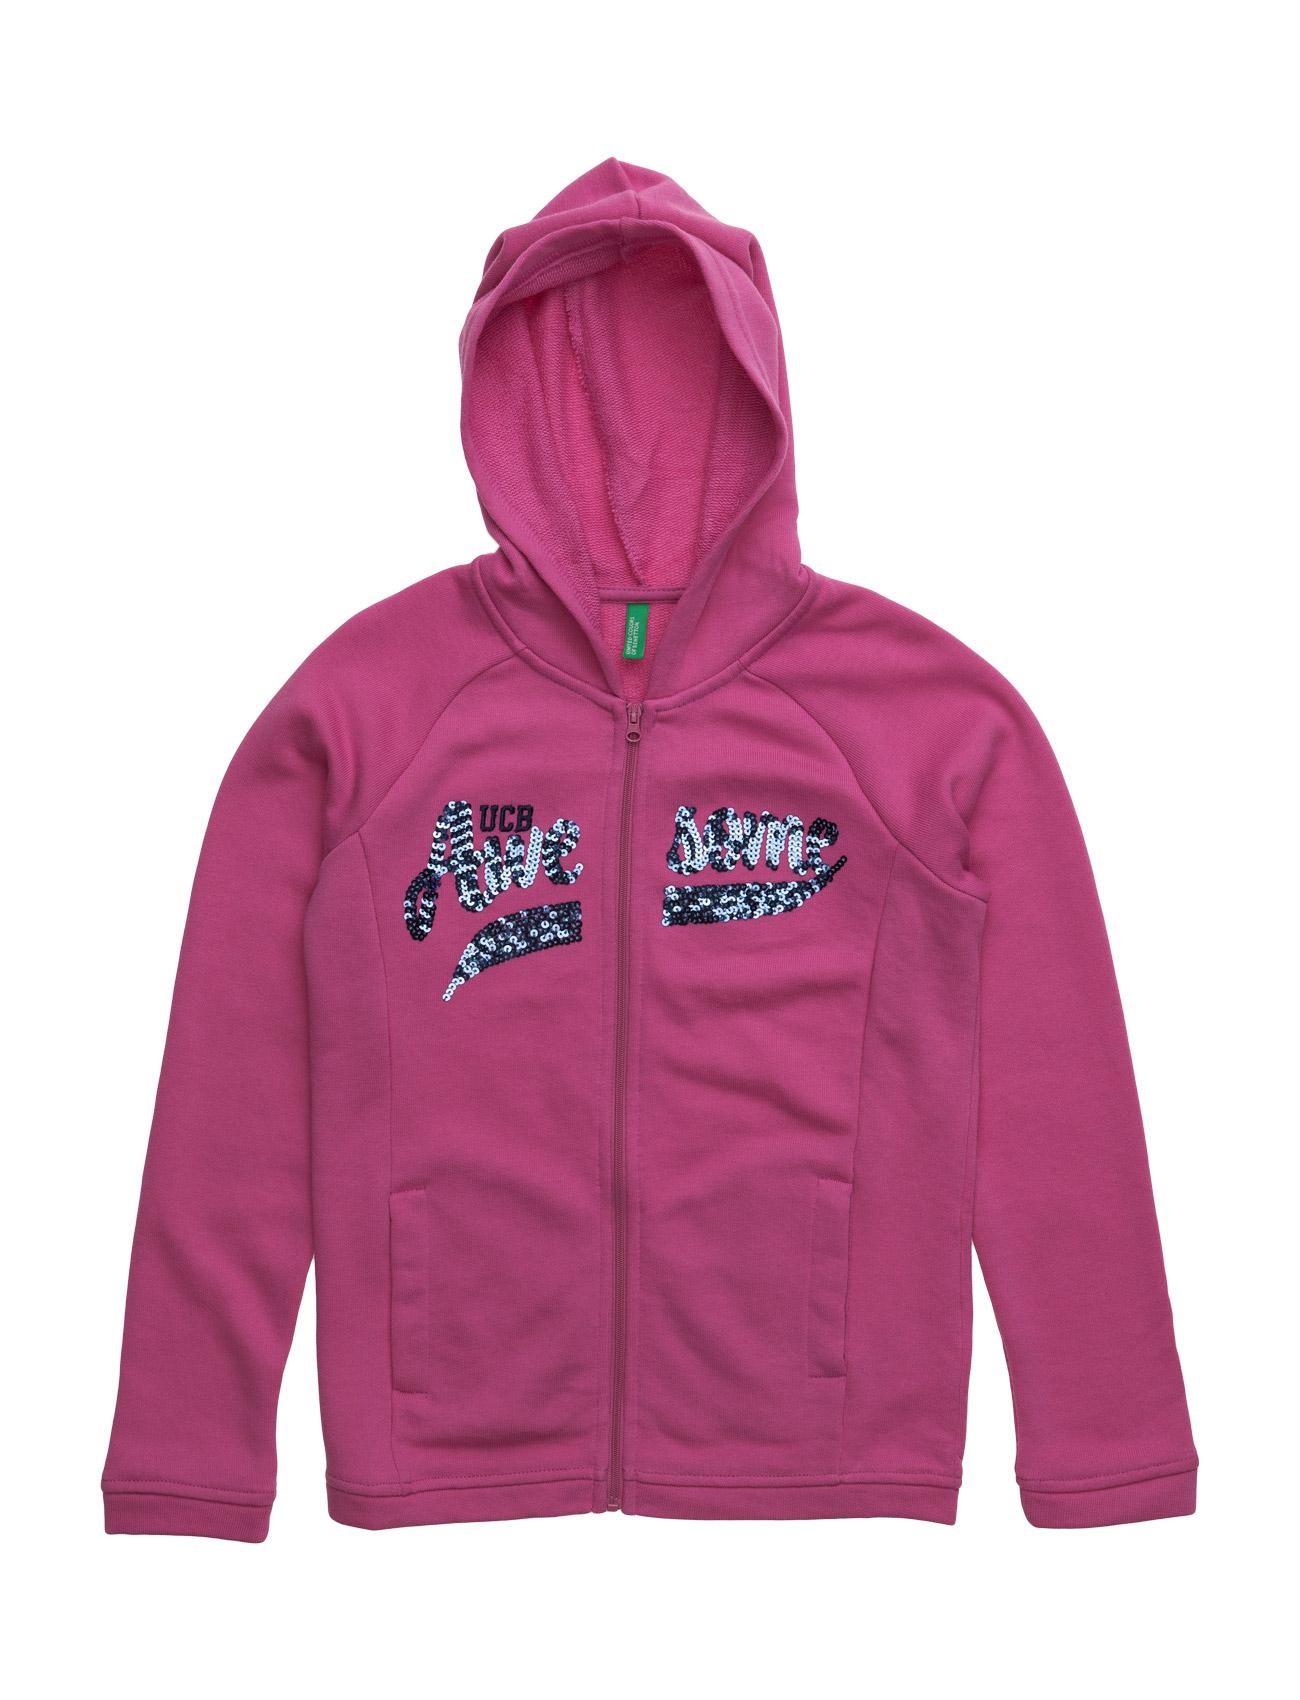 Jacket W/Hood L/S United Colors of Benetton  til Børn i Lyserød